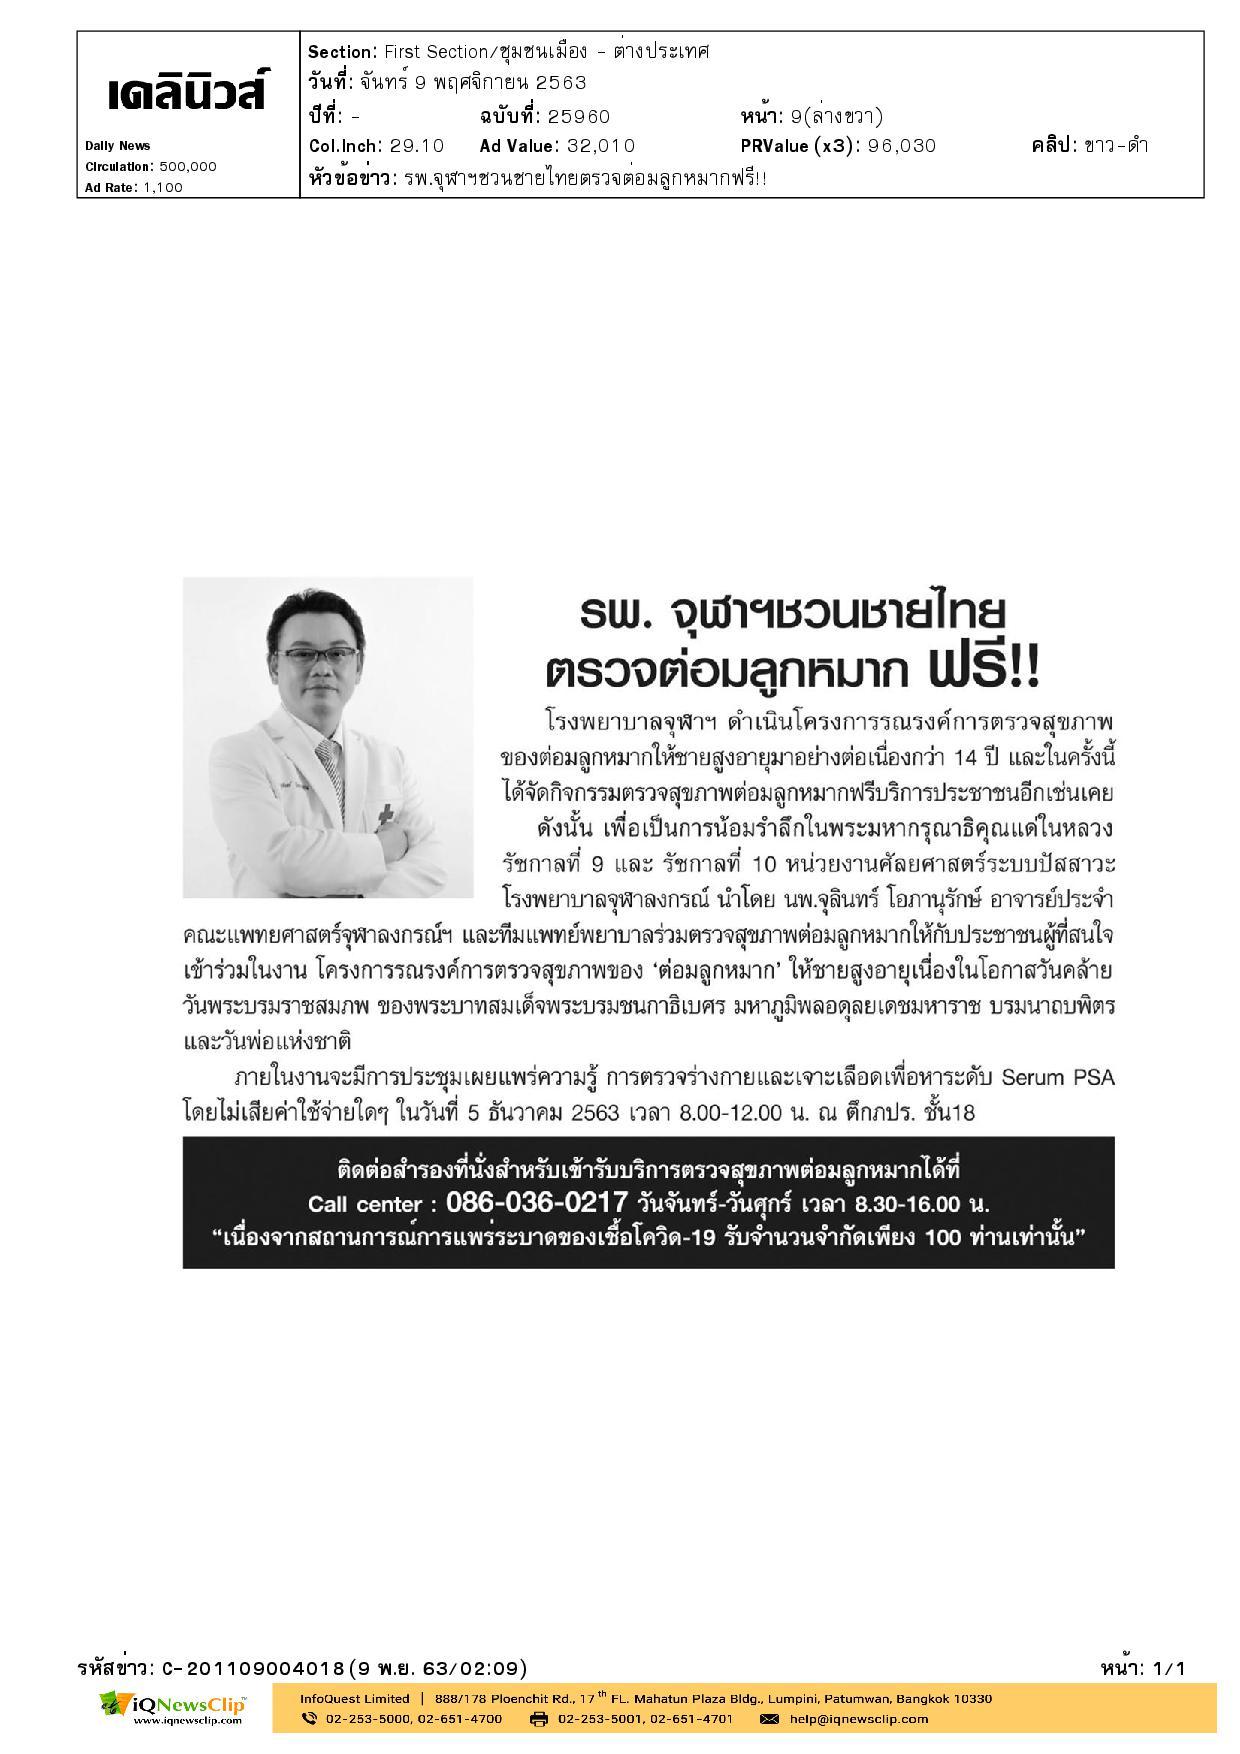 รพ.จุฬาฯ ชวนชายไทยตรวจต่อมลูกหมากฟรี